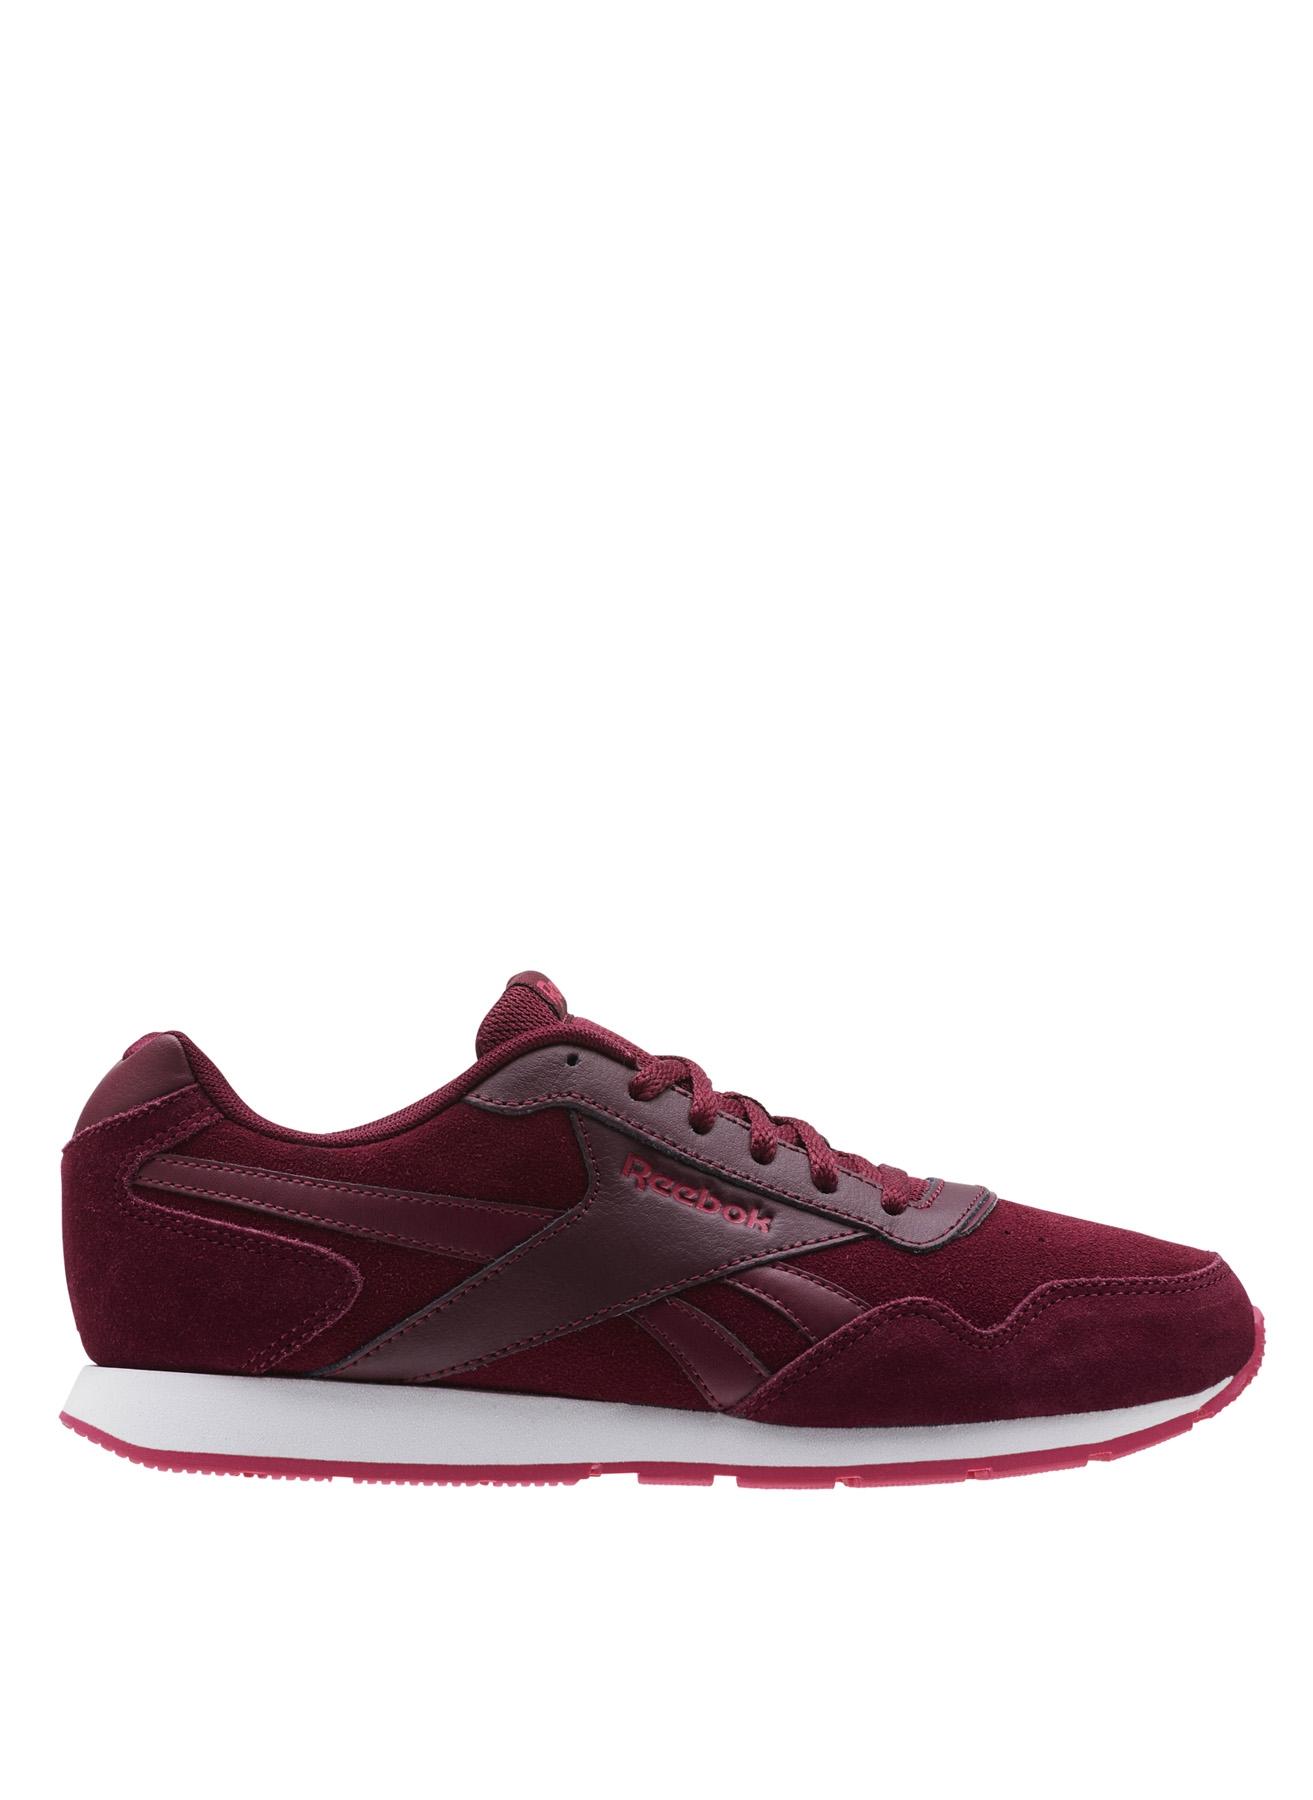 Reebok Royal Glide Lifestyle Ayakkabı 40 5001633246007 Ürün Resmi